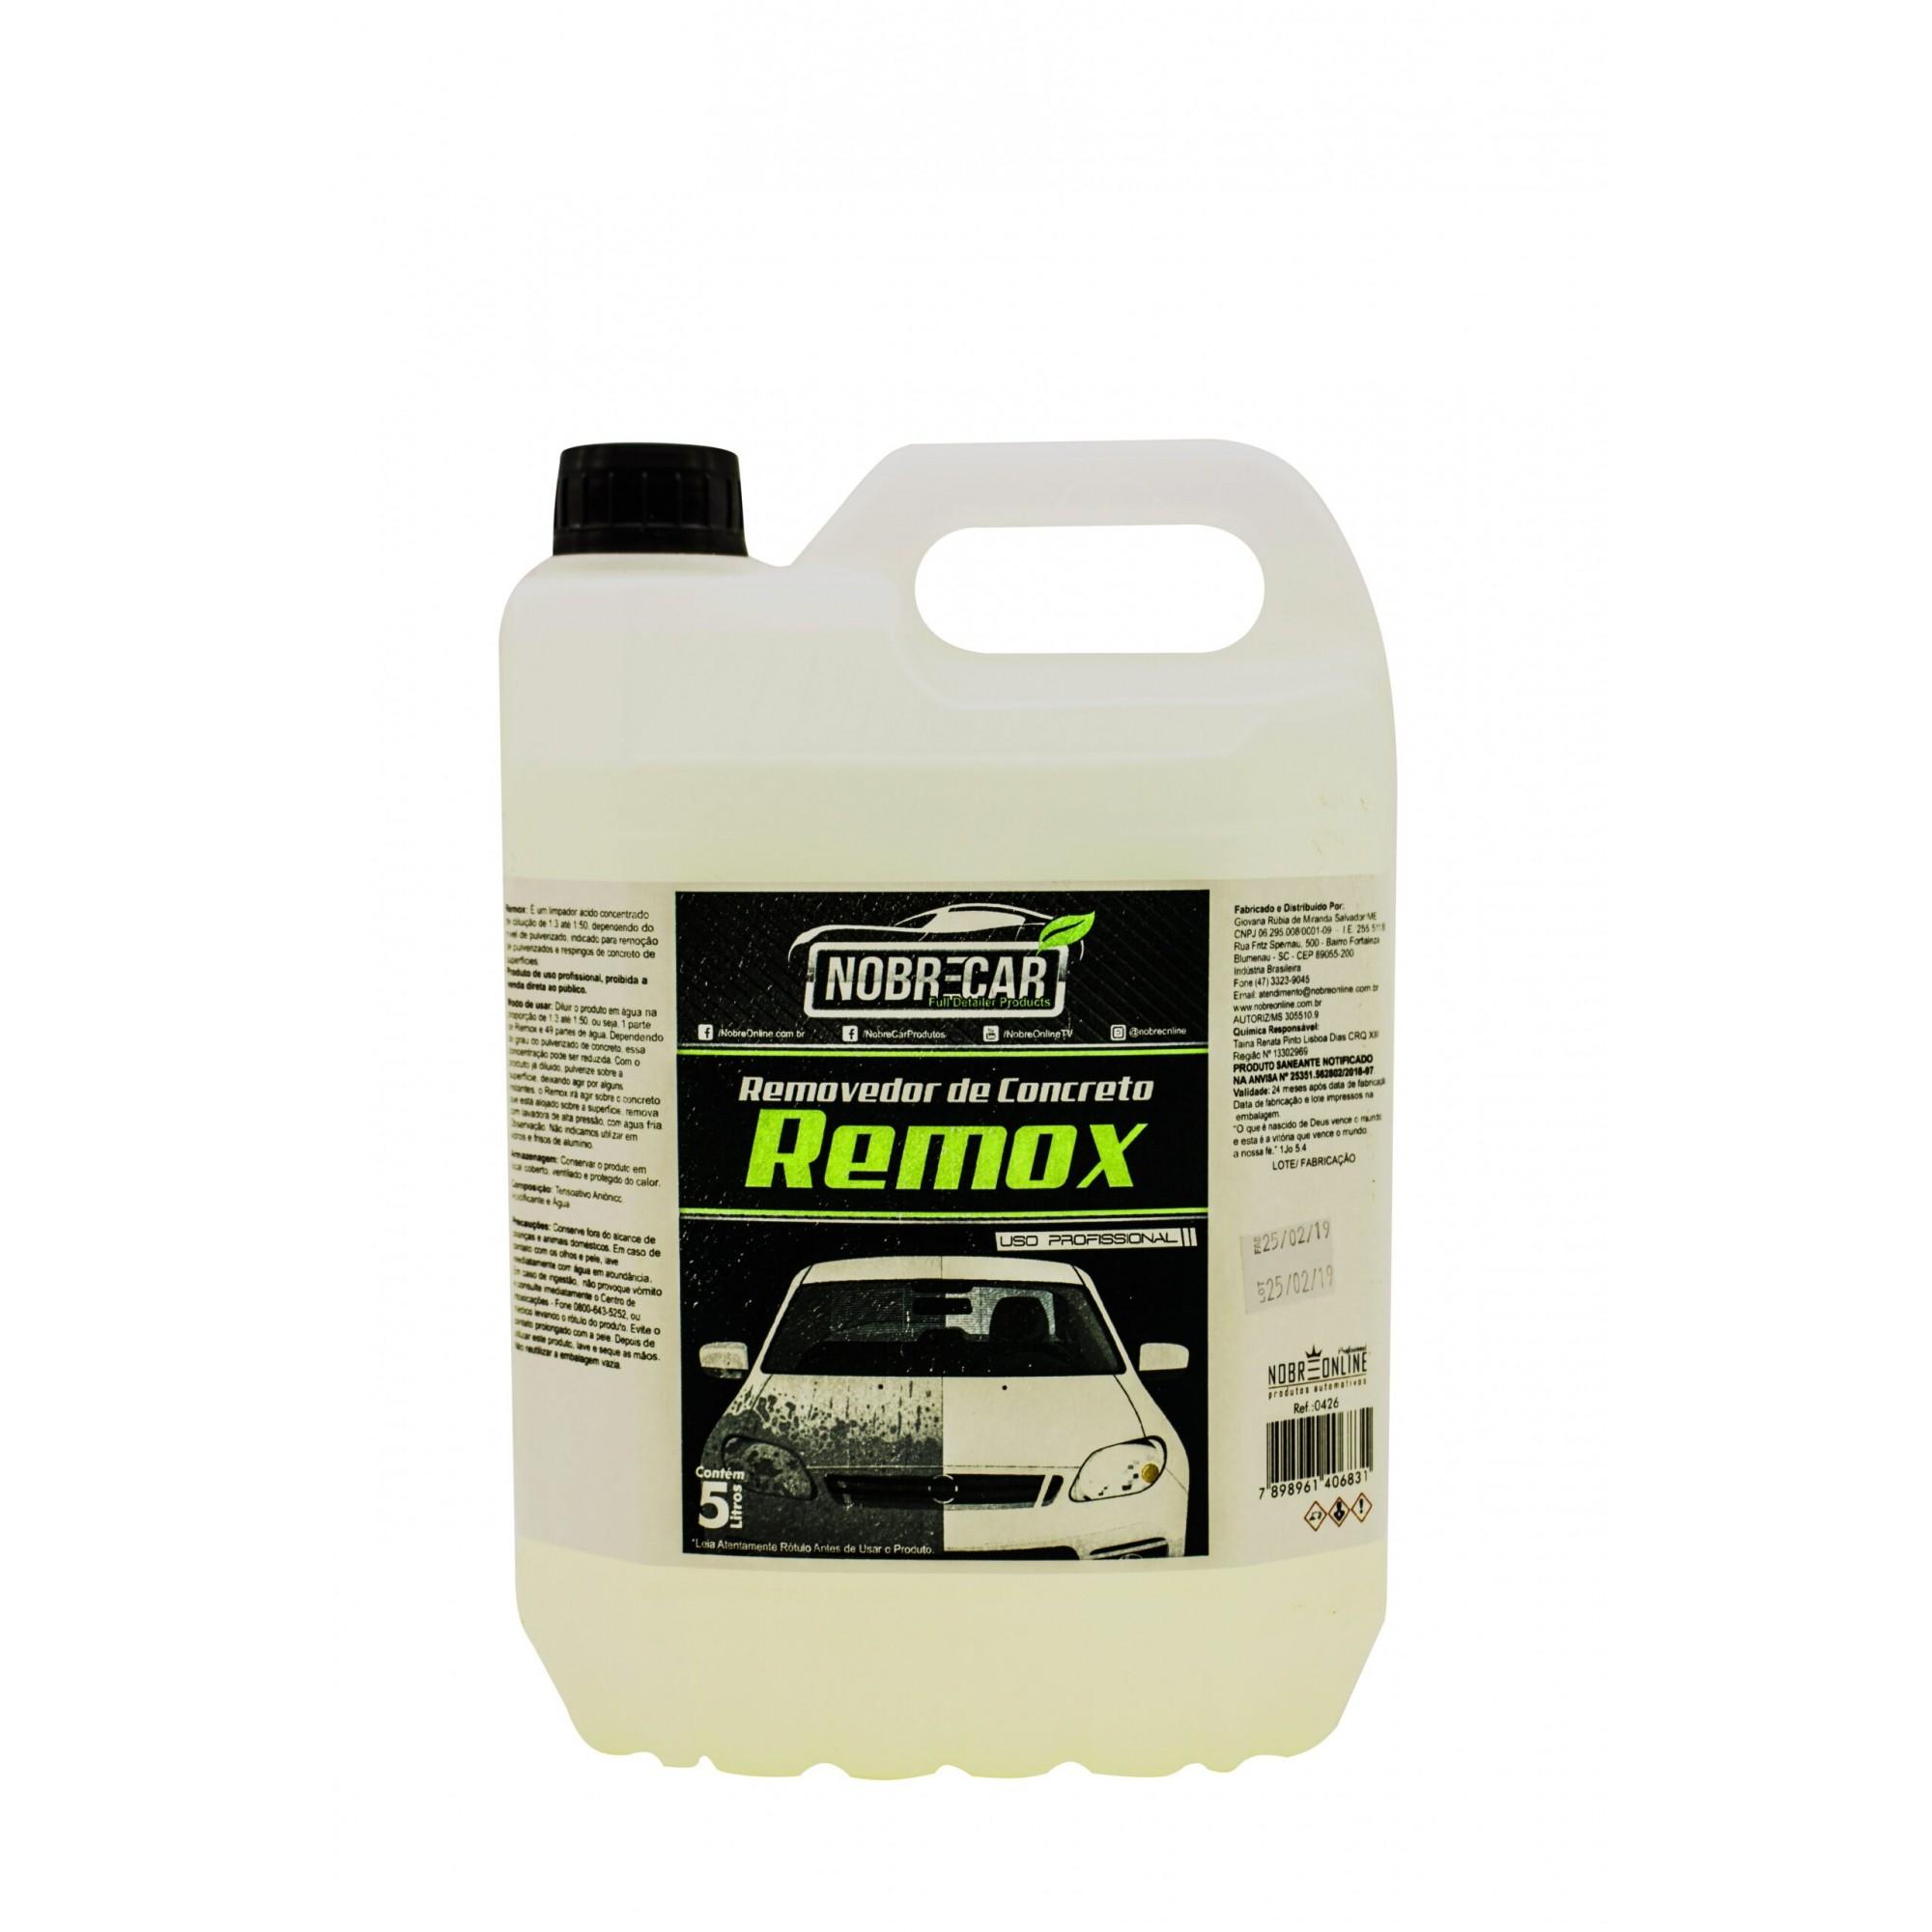 Remox 5L - Removedor de Concreto (Nobre Car)